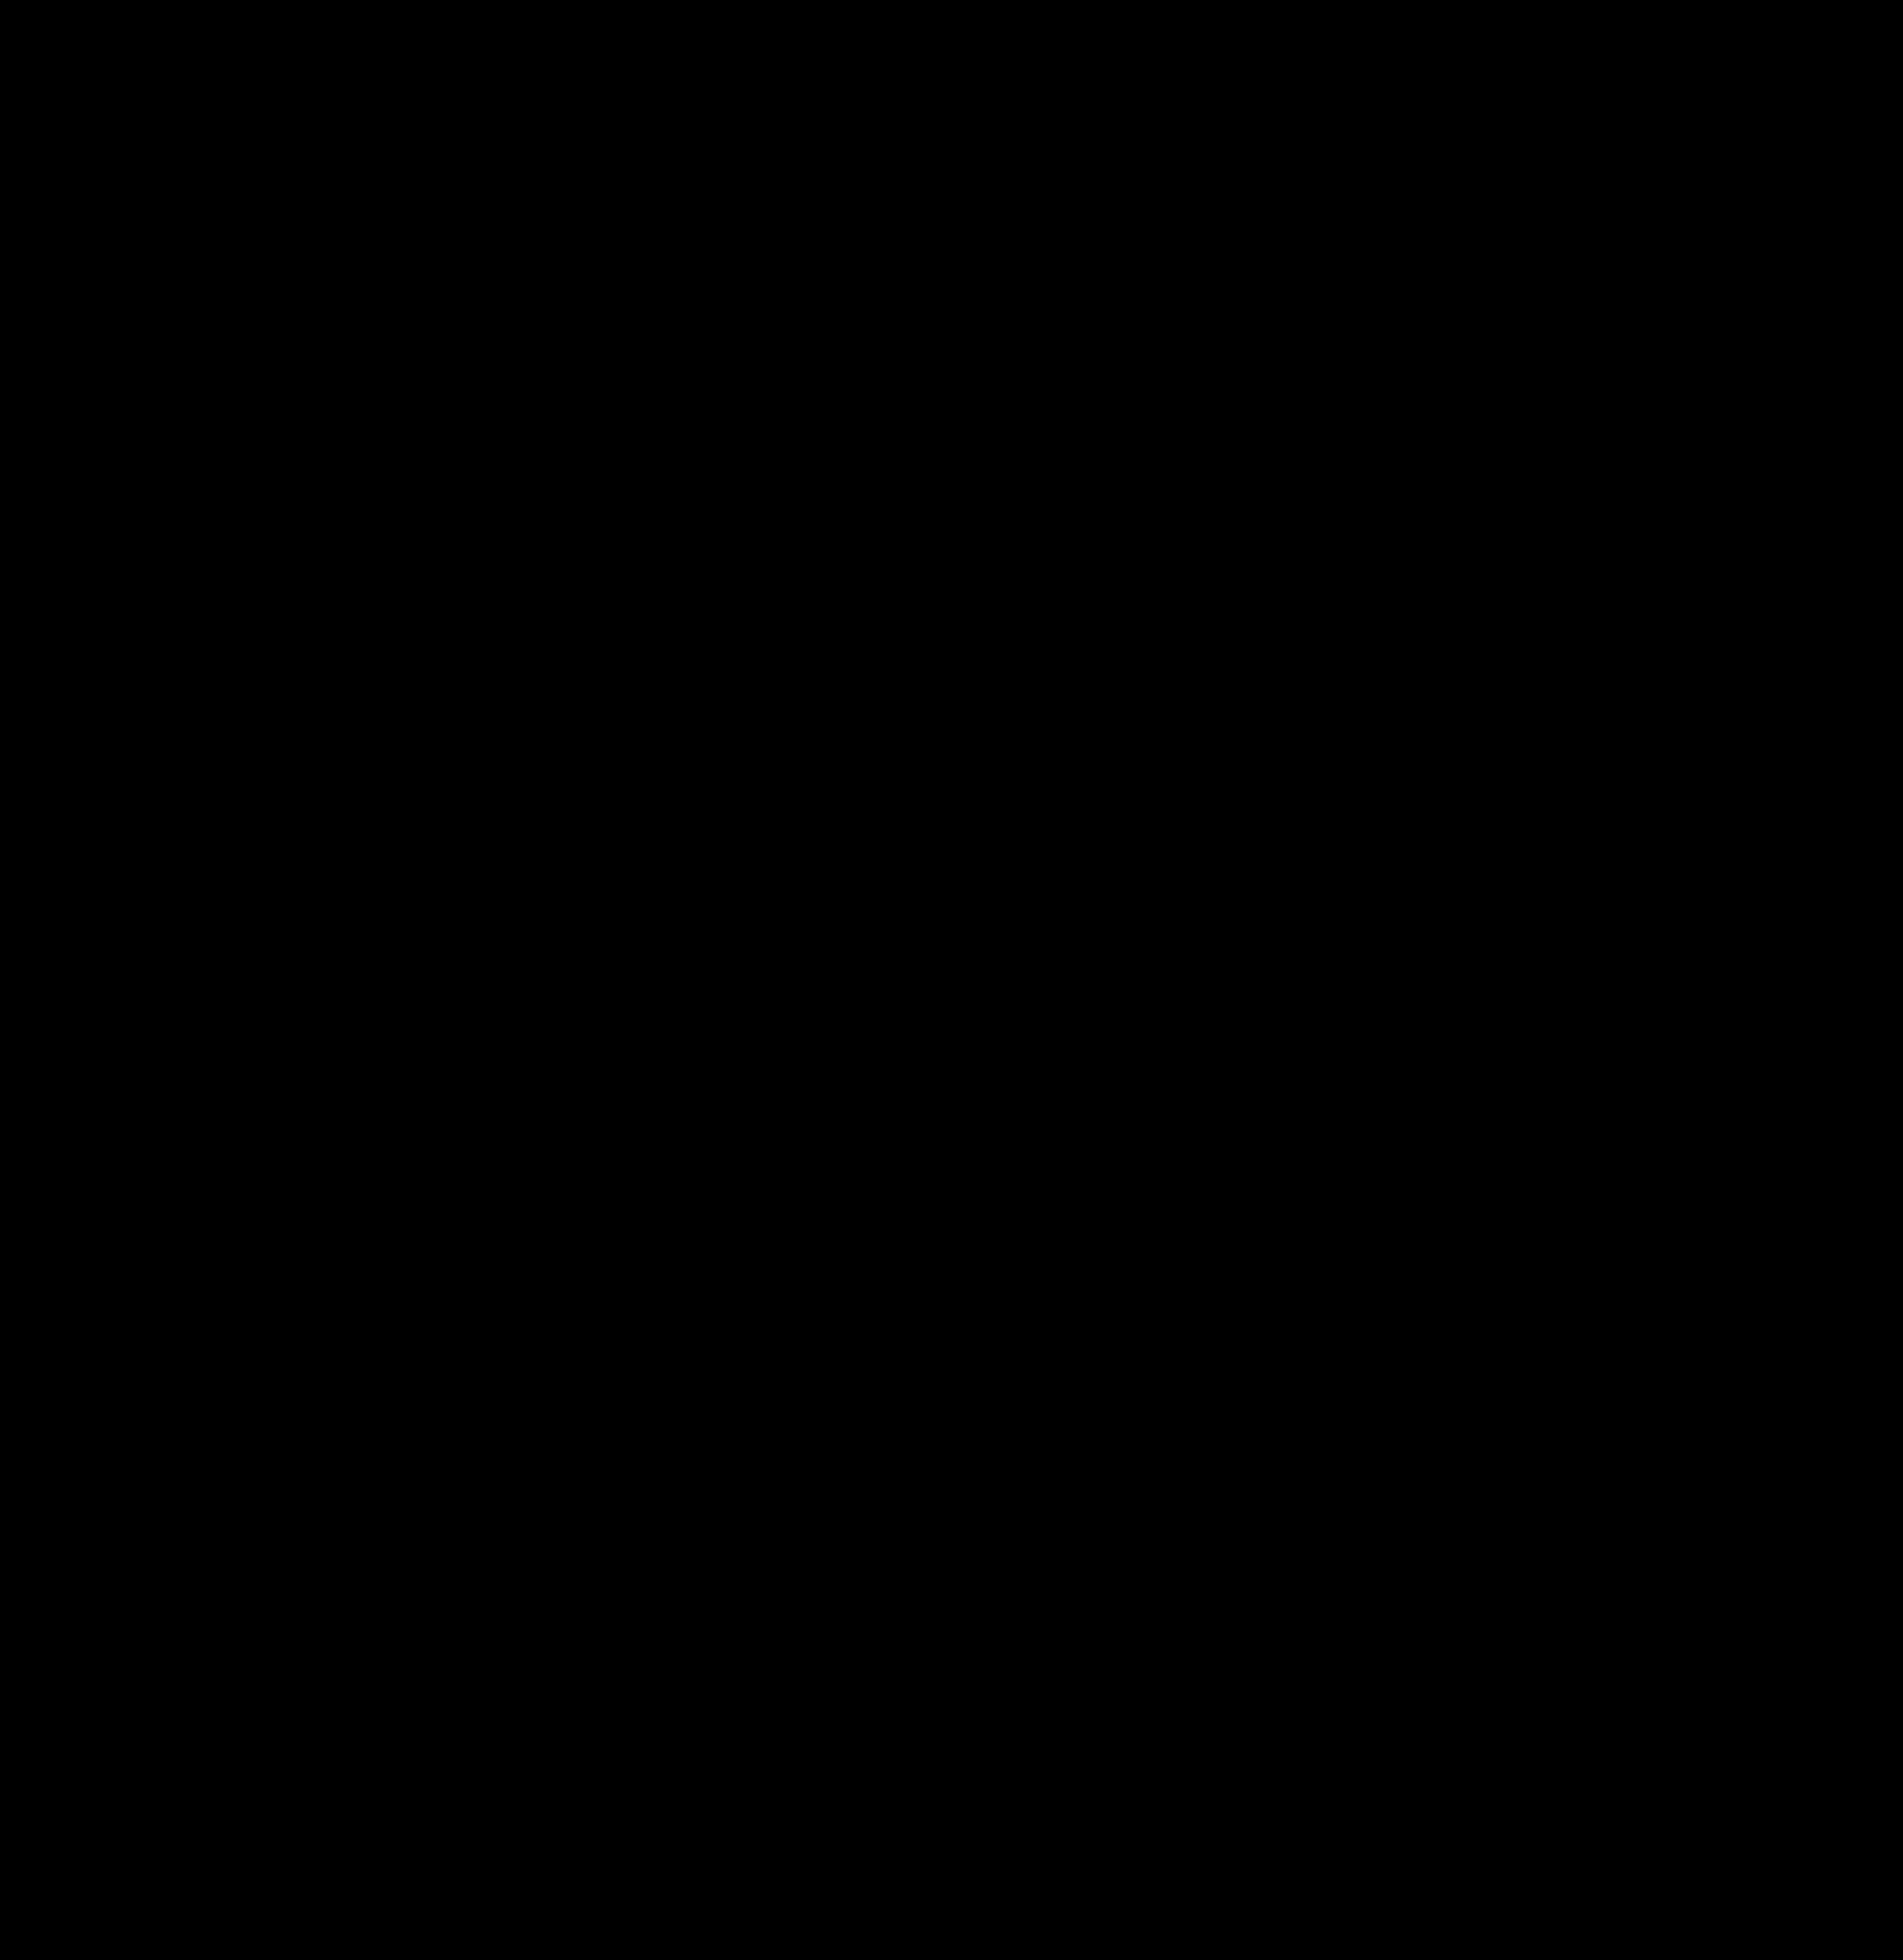 2014ء سے لے کر 2020ء تک ایف او آئی اے کے تحت ہر سال موصول ہونے والی اور مسترد کی جانے والی درخواستوں کی تعداد کے بارے میں گراف۔ (State Dept./H. Efrem, Source: U.S. Department of Justice)